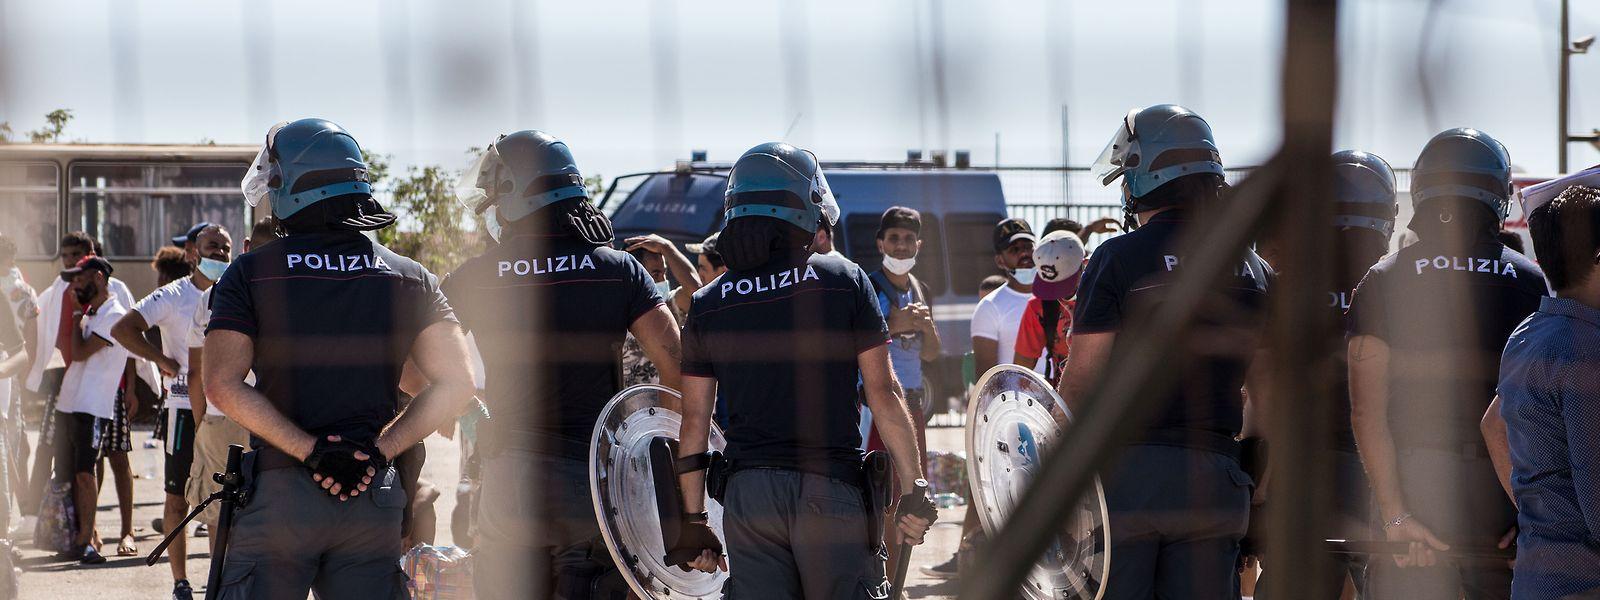 Italienische Polizisten stehen vor einer Gruppe tunesischer Migranten, die versuchten, das Aufnahmezentrum in Porto Empedocle zu verlassen.